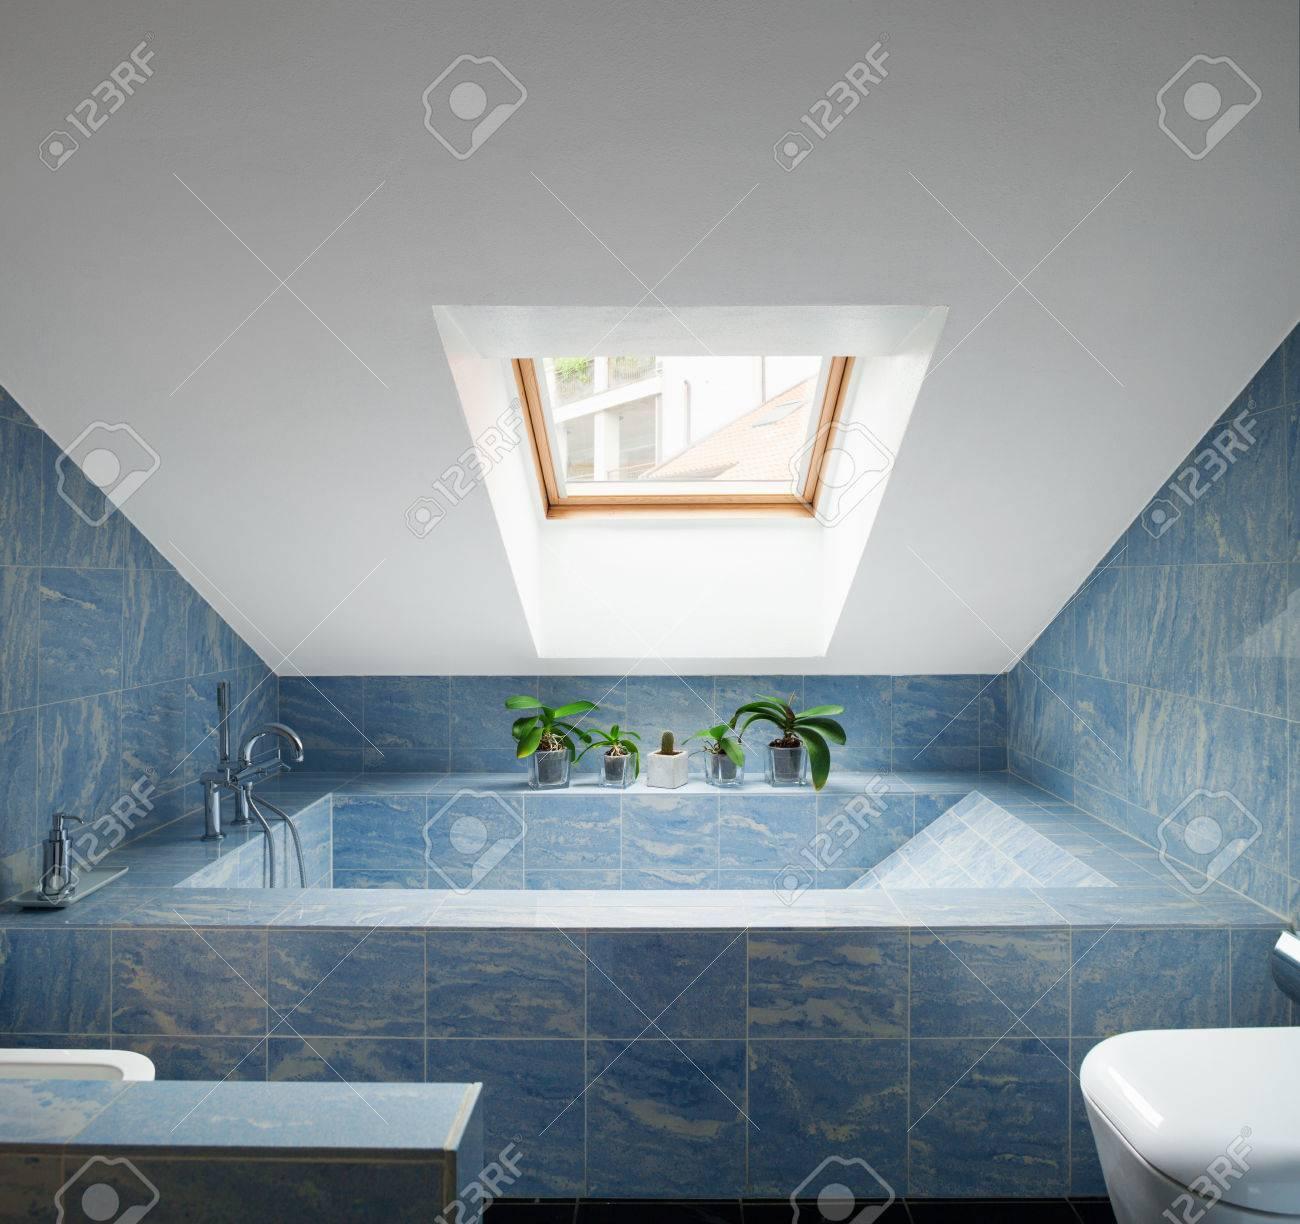 archivio fotografico bellissimo attico moderno vista bagno